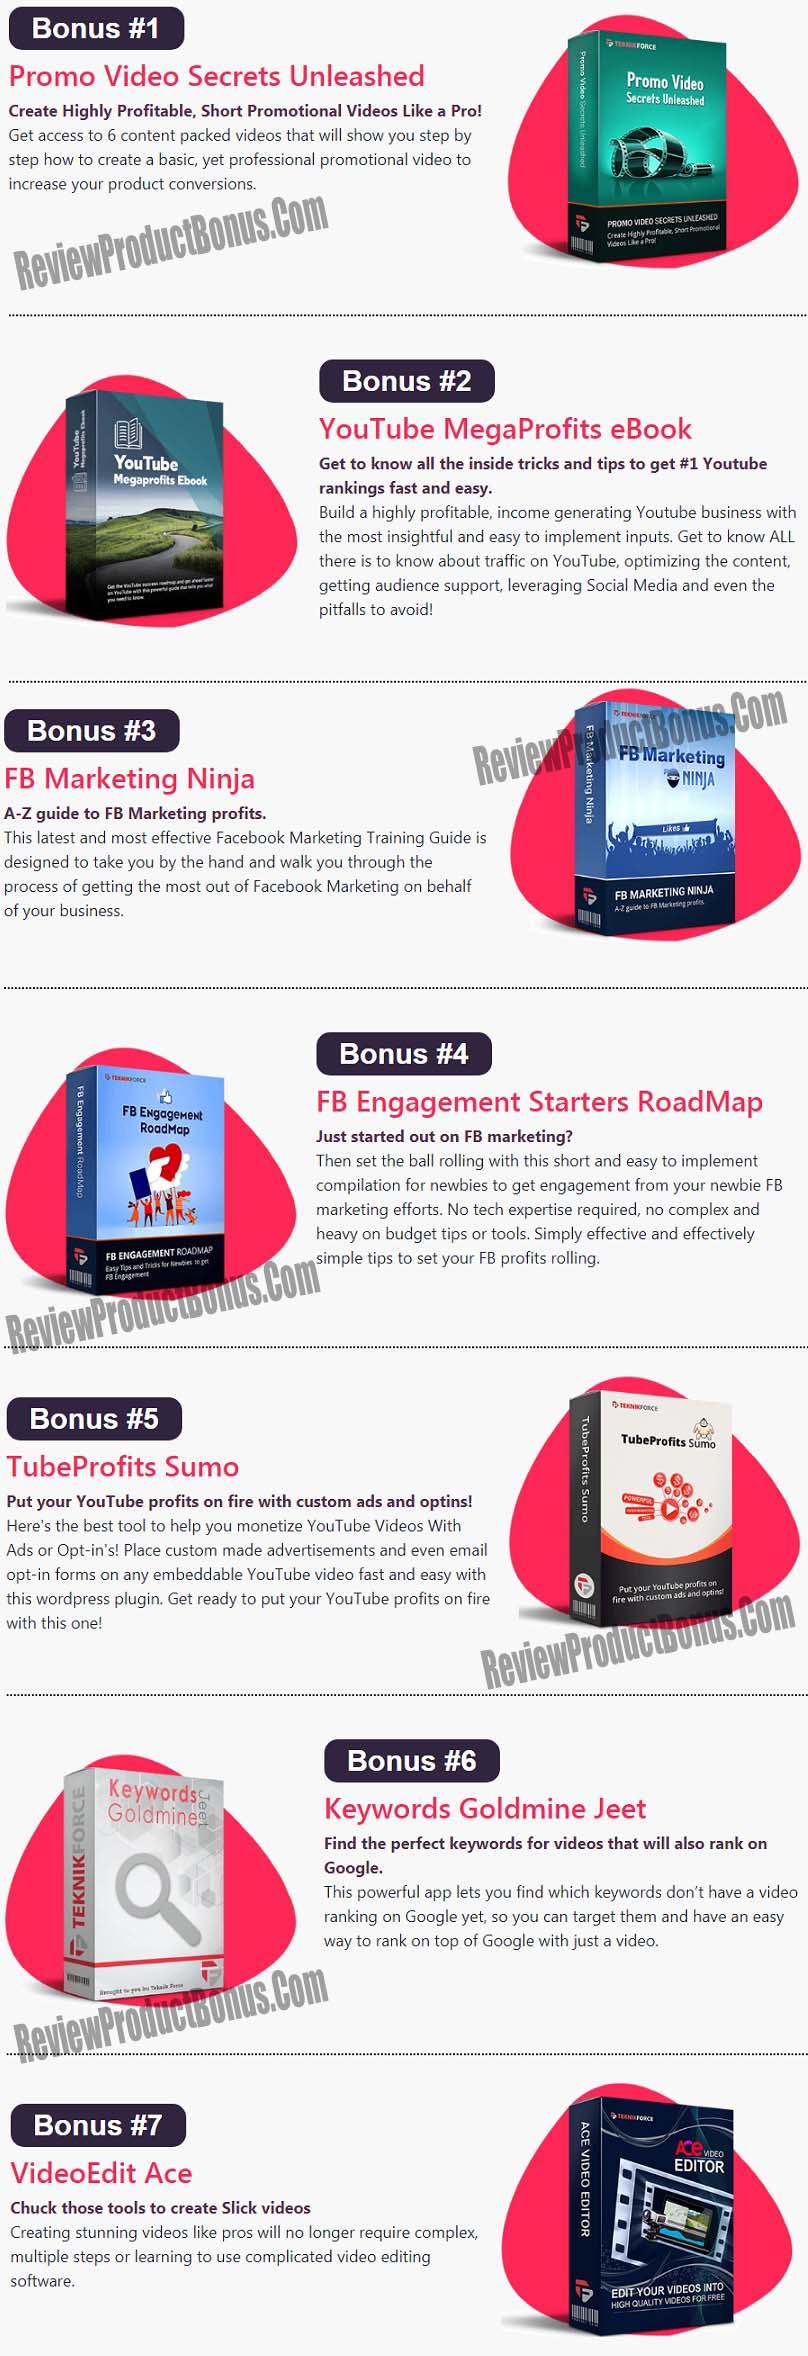 TubeRank Jeet 4 Bonus